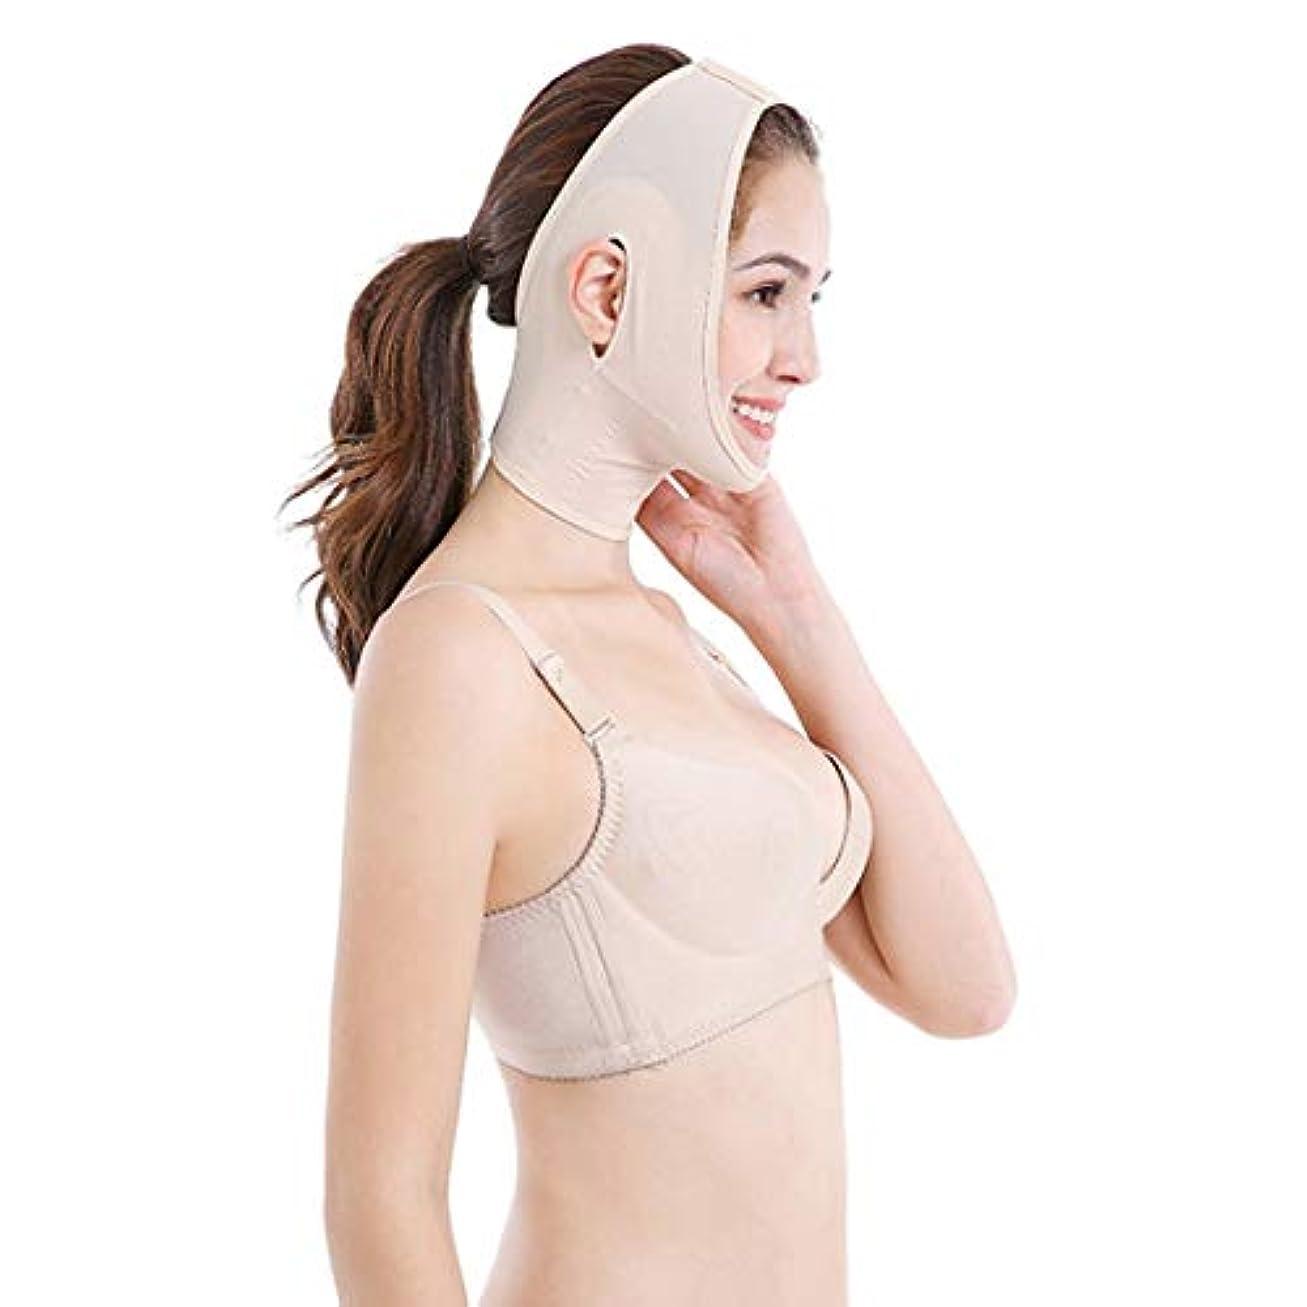 一時解雇する胆嚢合金ZWBD フェイスマスク, 顔を持ち上げる包帯v顔薄い顔包帯小V顔物理マスク小さな顔アーティファクト顔持ち上がる引き締め乳白色 (Size : XS)